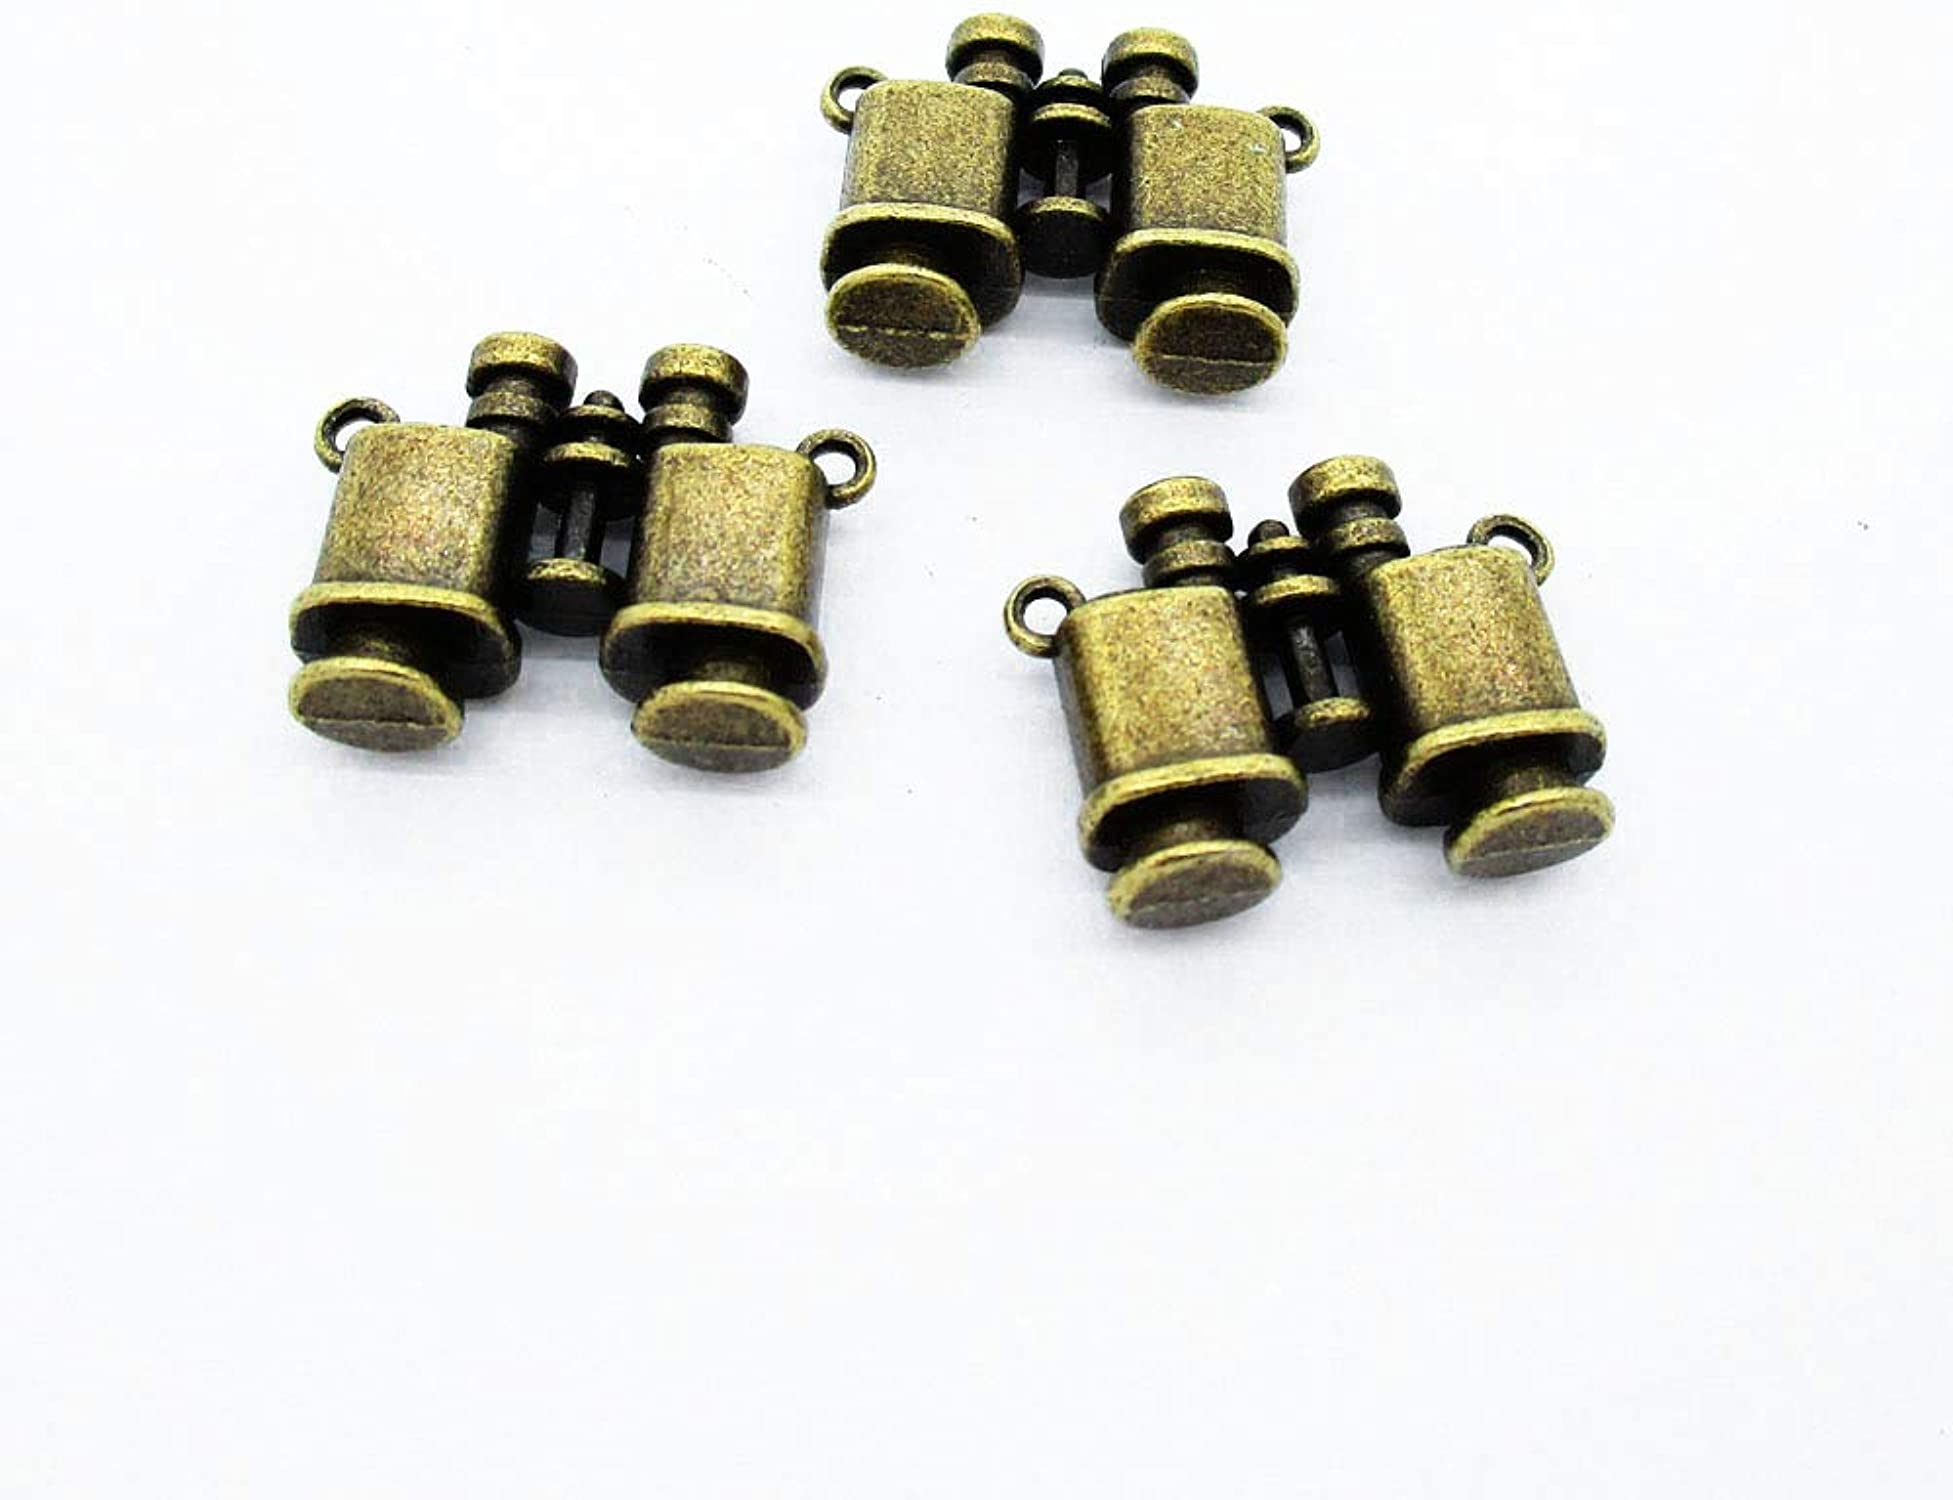 últimos estilos Abalorios de joyería de tono bronce bronce bronce antiguo P6FM7Q Telescopio Artesanía Artesanía Artesanía Cuentas antique bronze  nuevo estilo